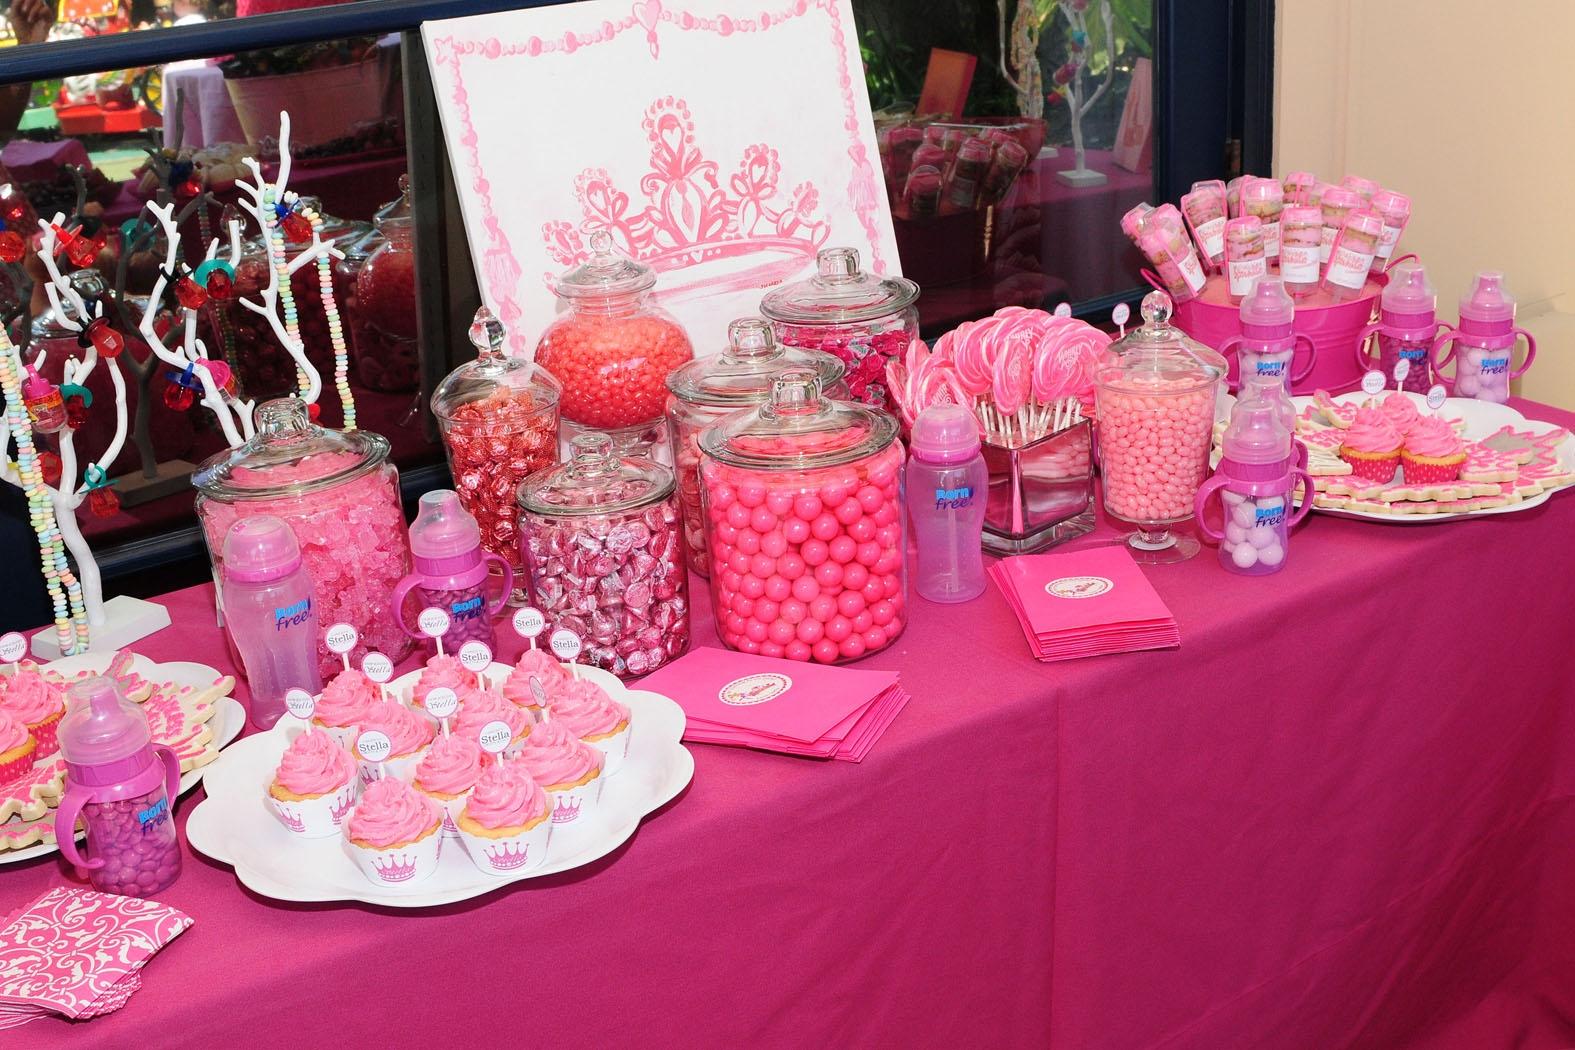 http://2.bp.blogspot.com/_5CqMSP13w1w/TCKVwCKj9QI/AAAAAAAADpw/dJ87gyhKOv4/s1600/Birthday+Goodies.jpg